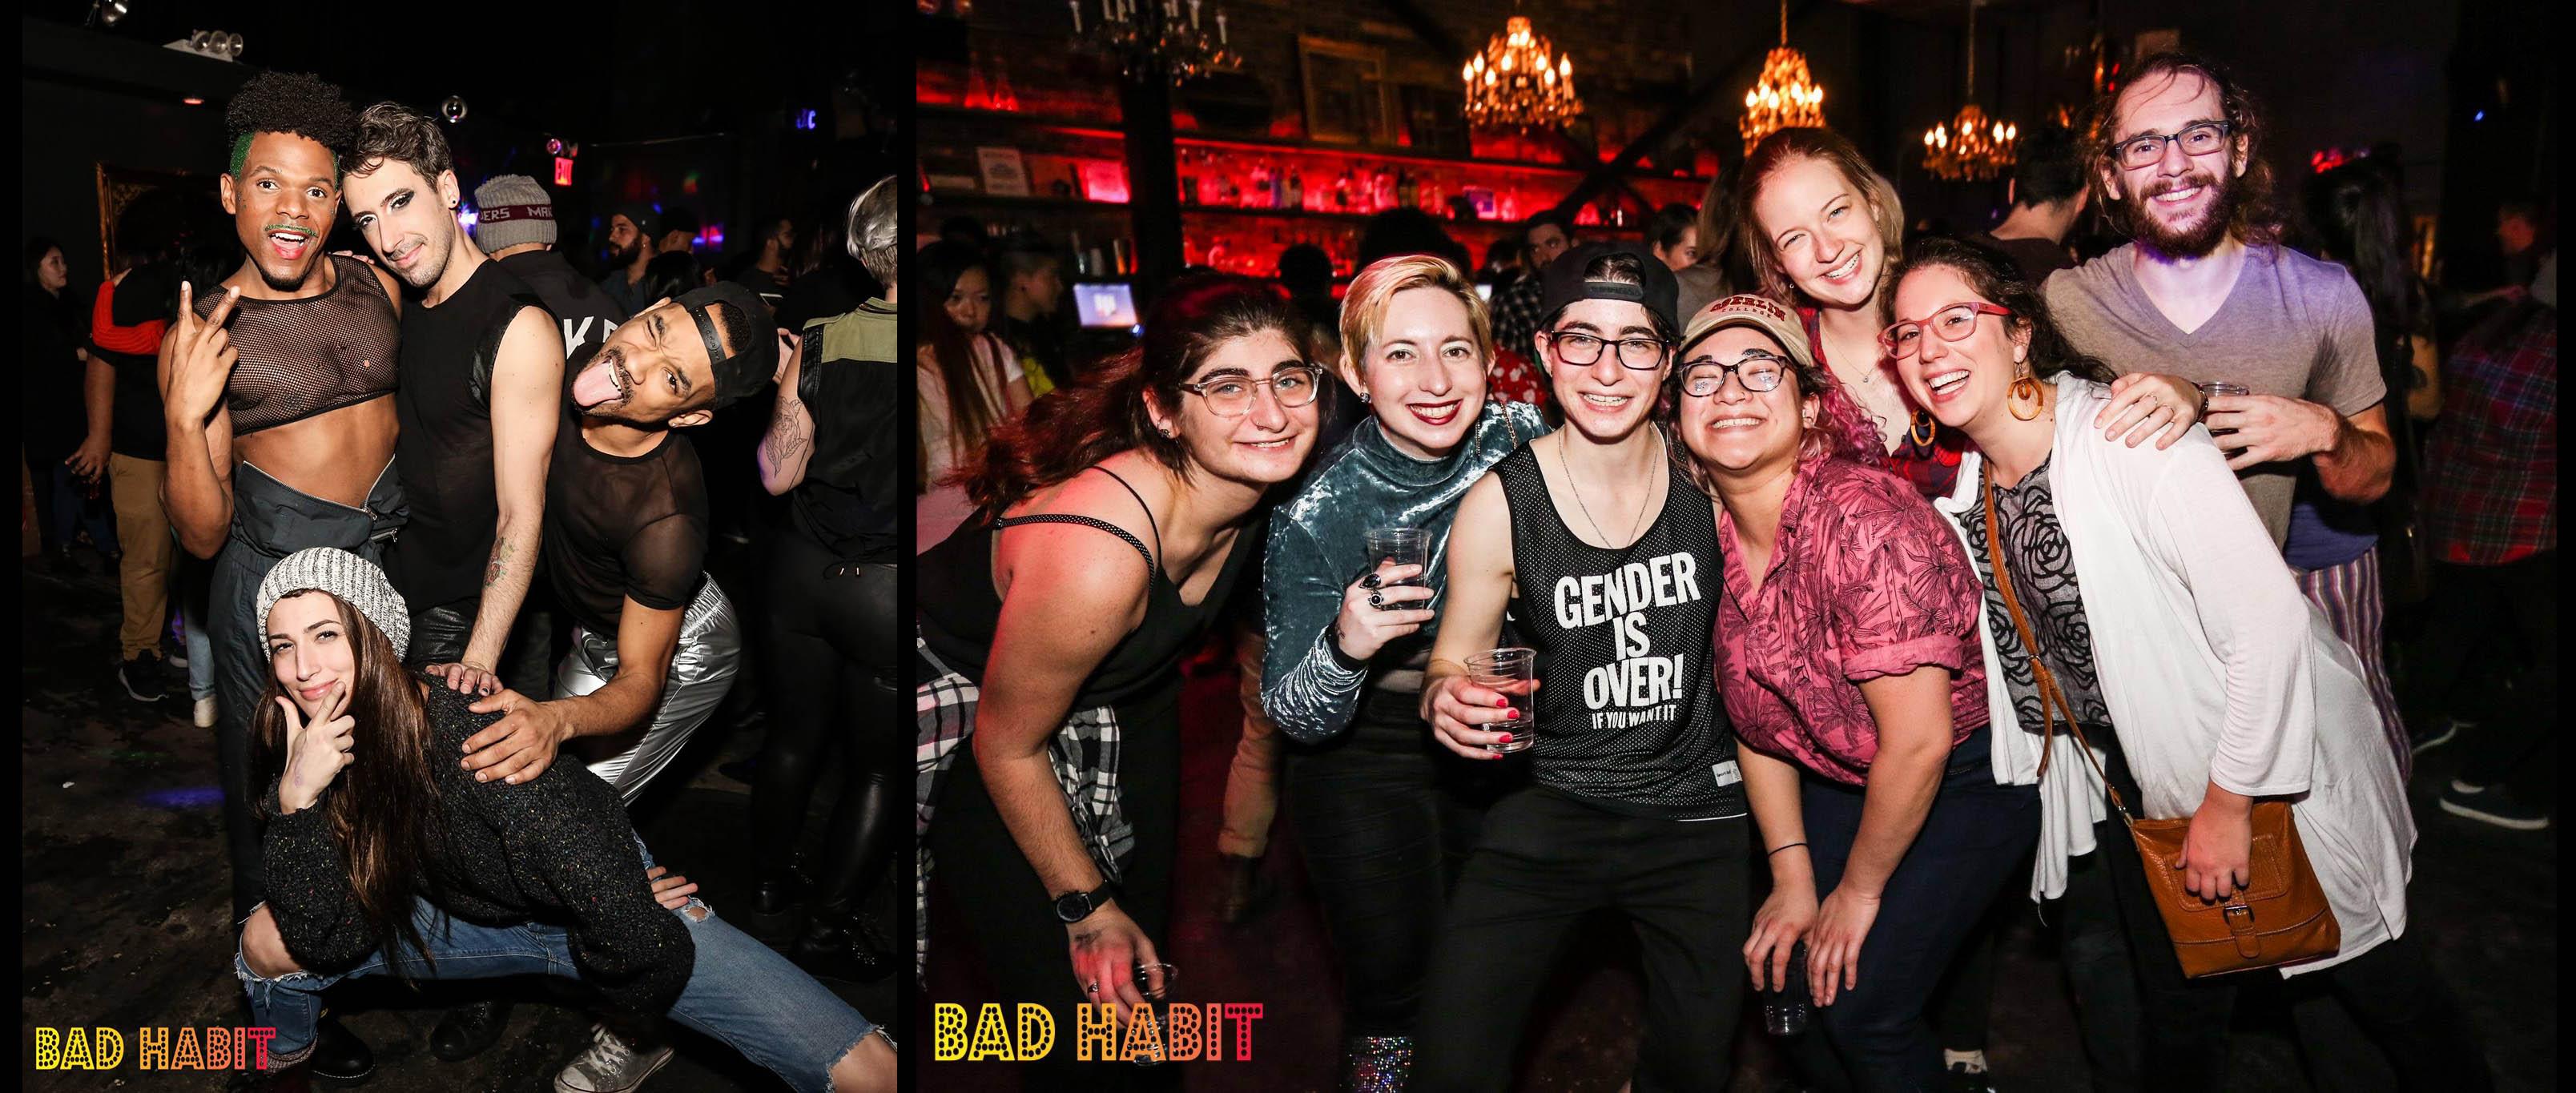 Bad Habit Queer Dance Party